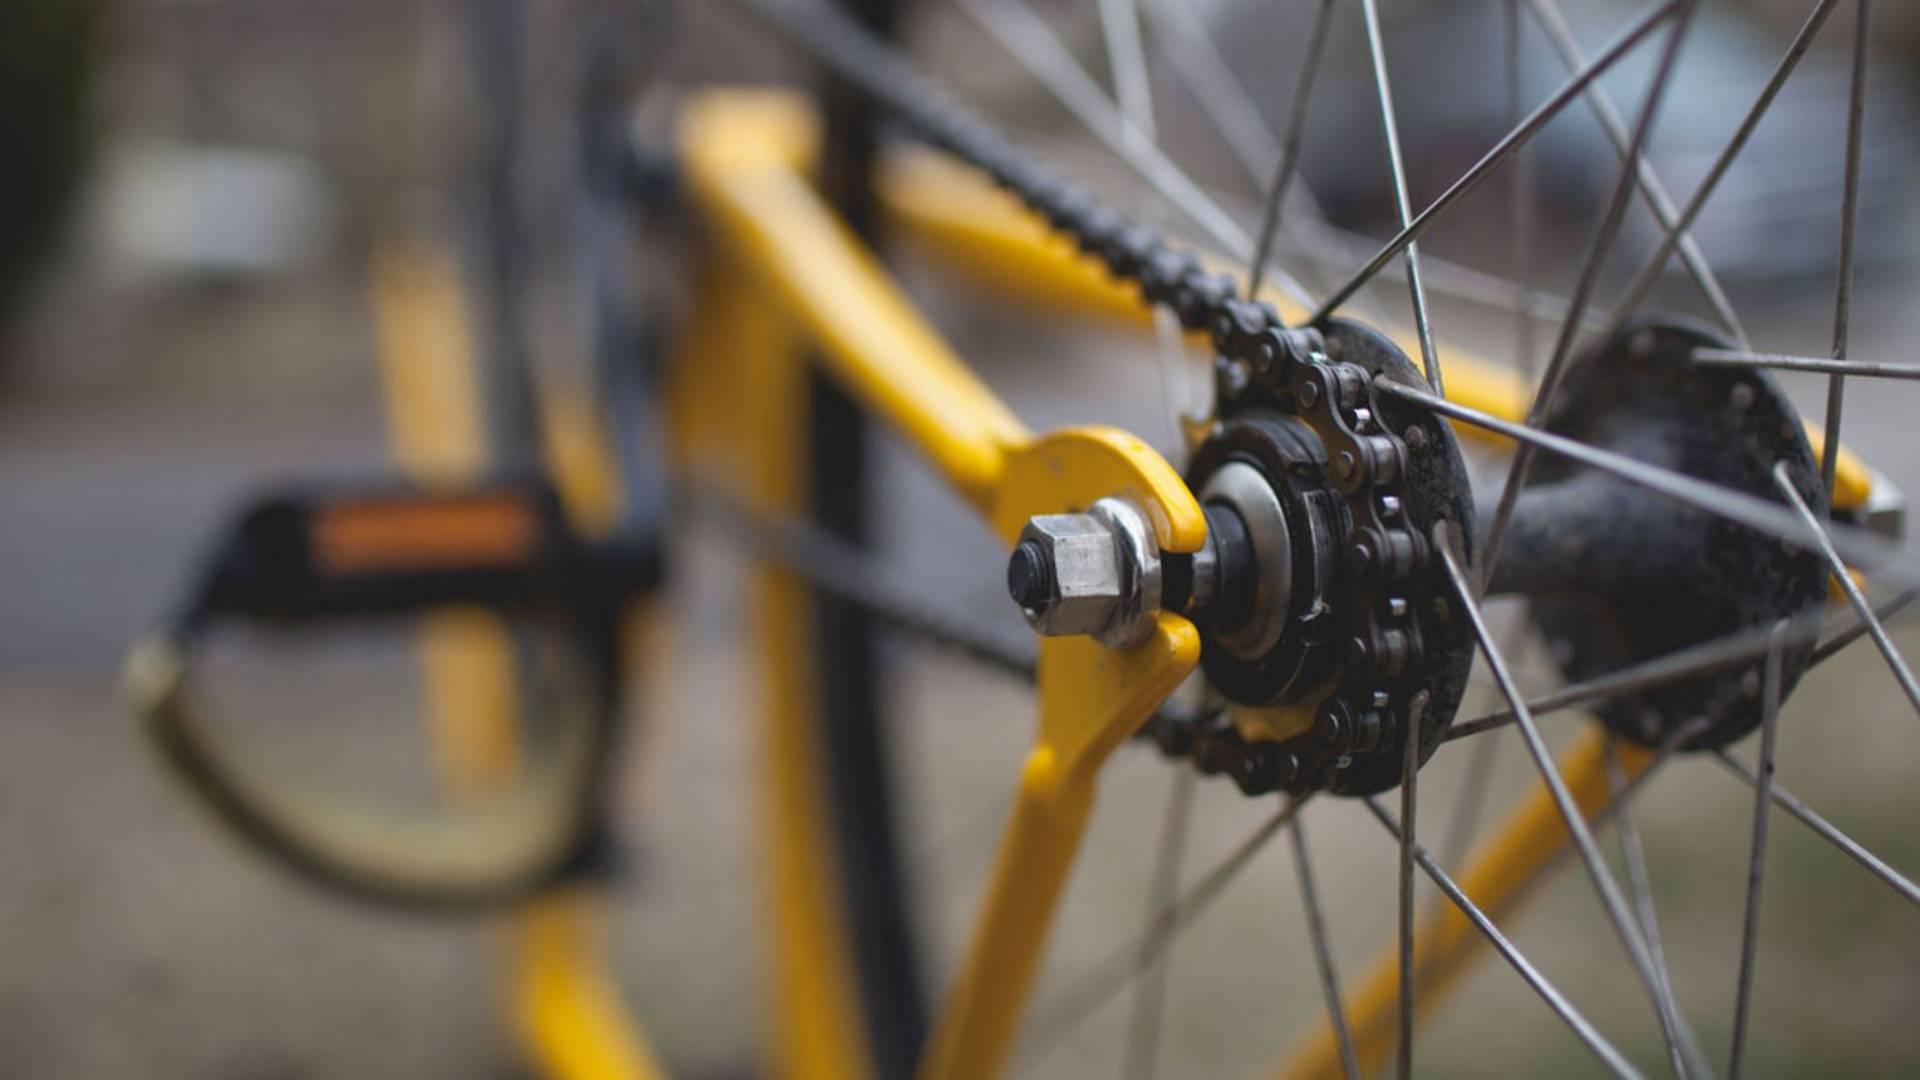 Vélo Epinal - Magasins de Vélo Epinal - Réparation de vélo Epinal